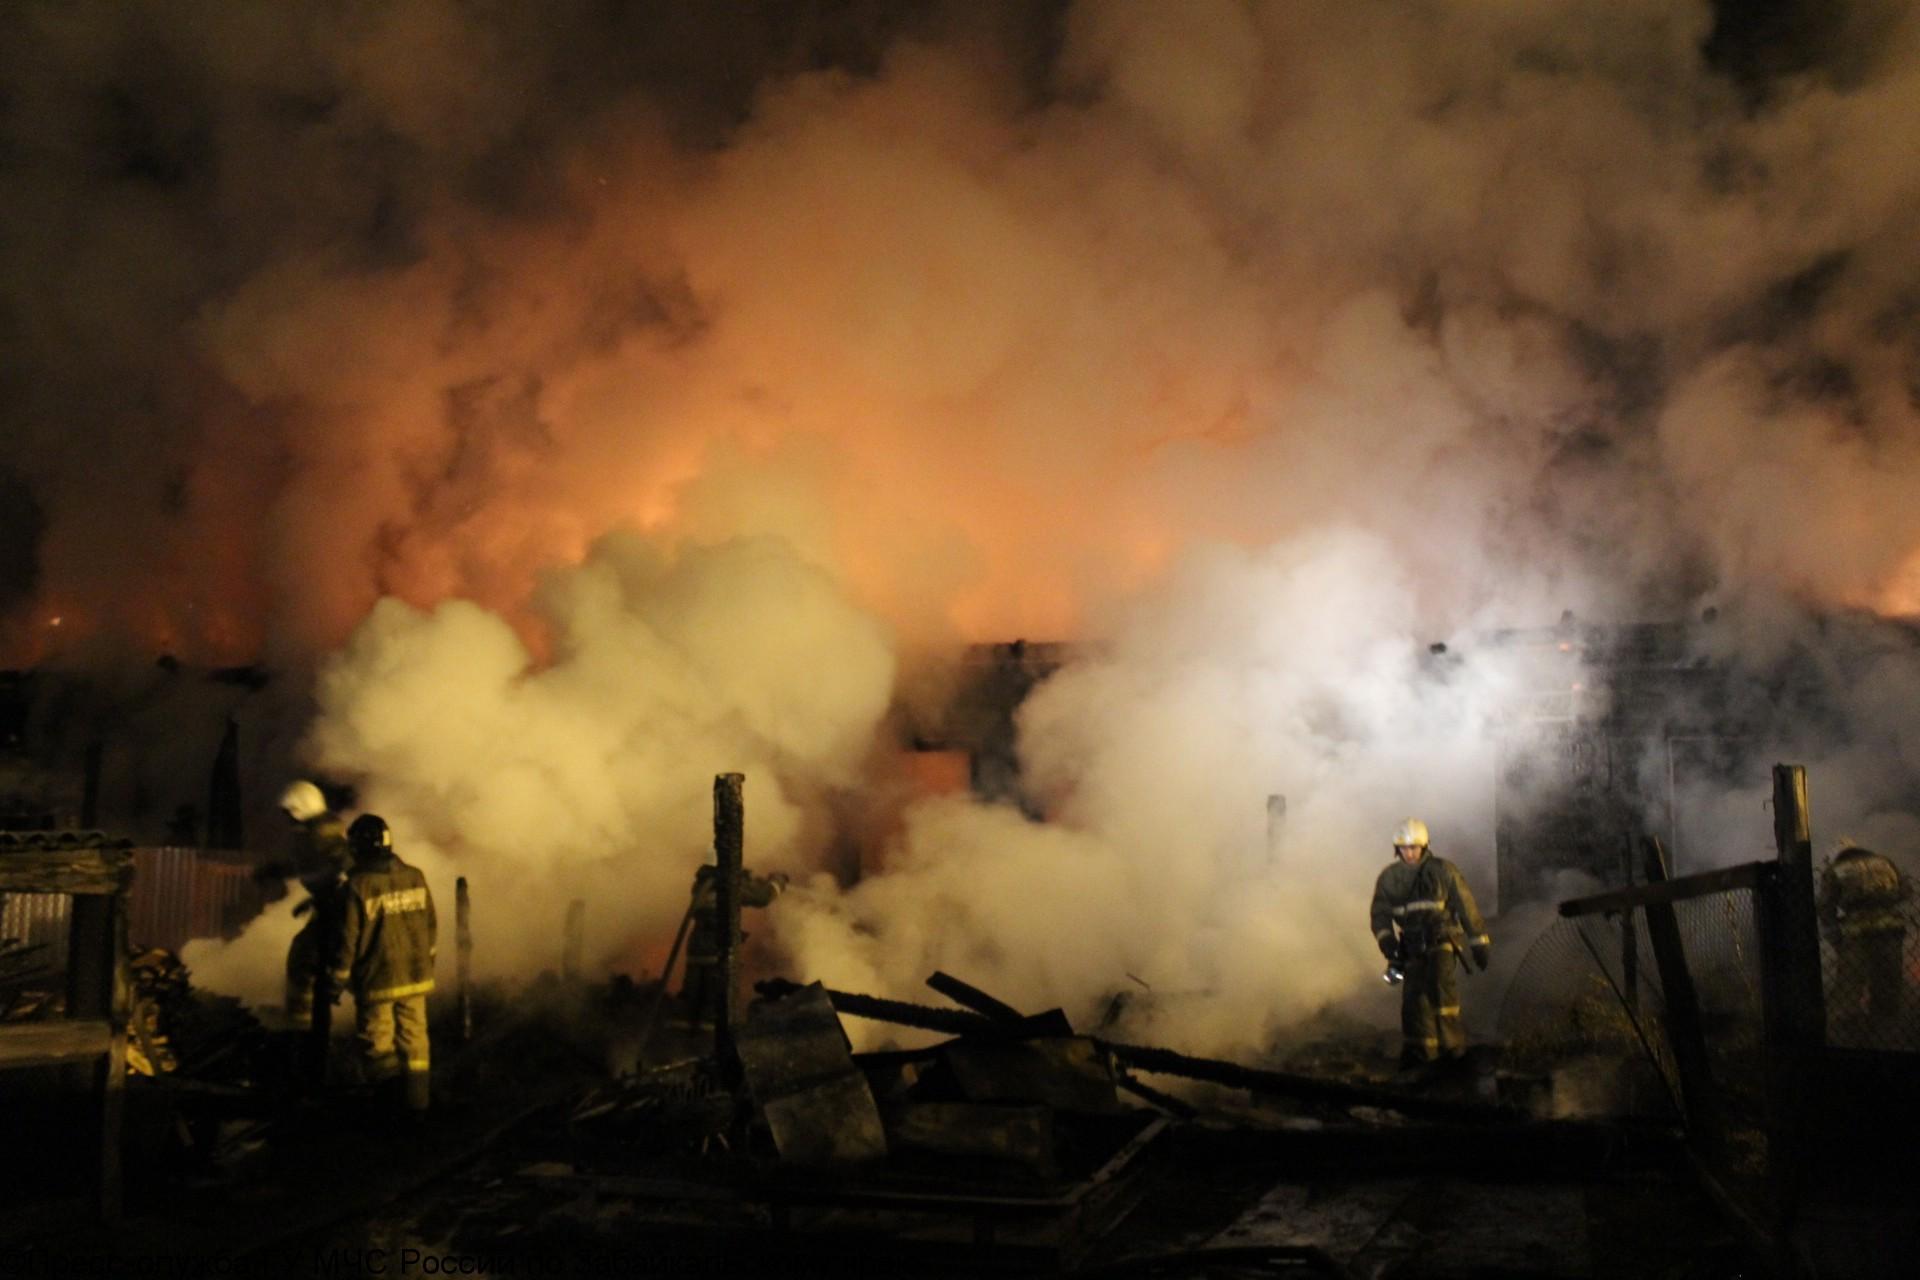 Тушение пожара жилого многоквартирного дома в поселке Кадара. г. Чита, 12.11.2013.